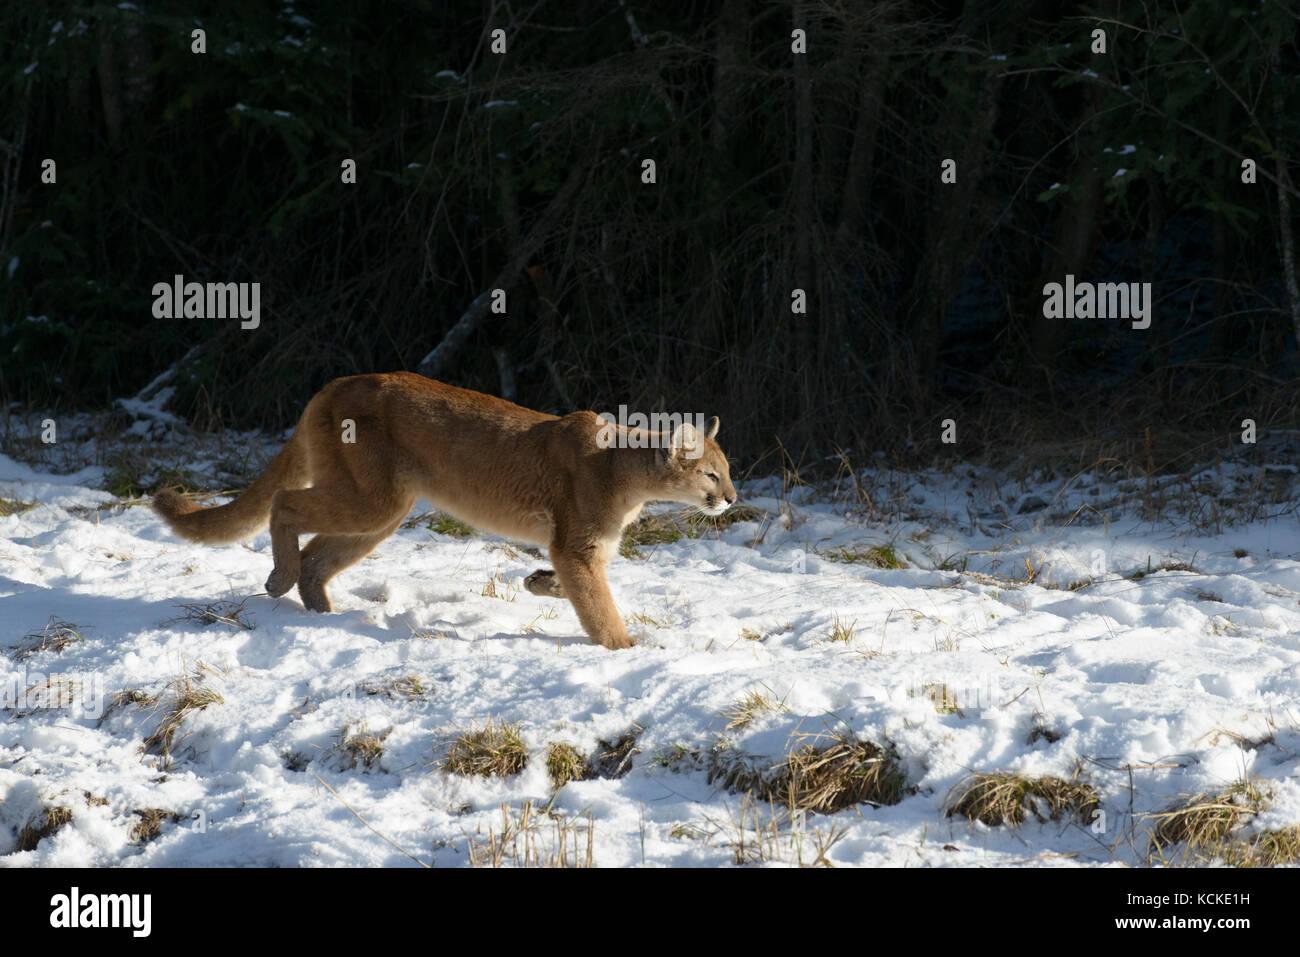 Puma, Puma concolor, a lo largo de borde de bosque en invierno, Montana, EE.UU. Imagen De Stock